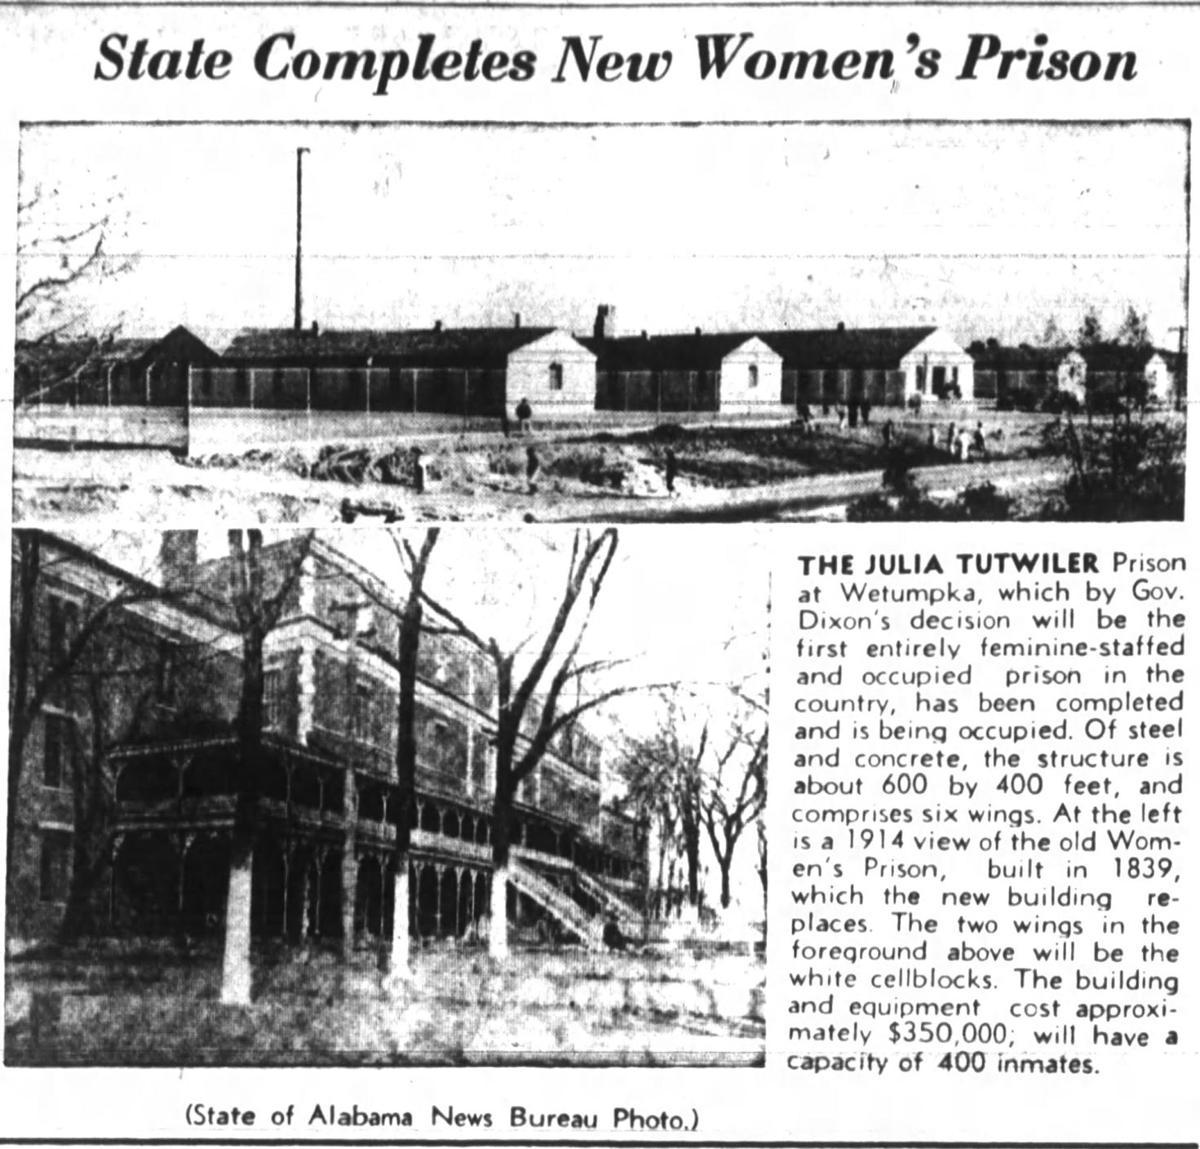 Prison opens